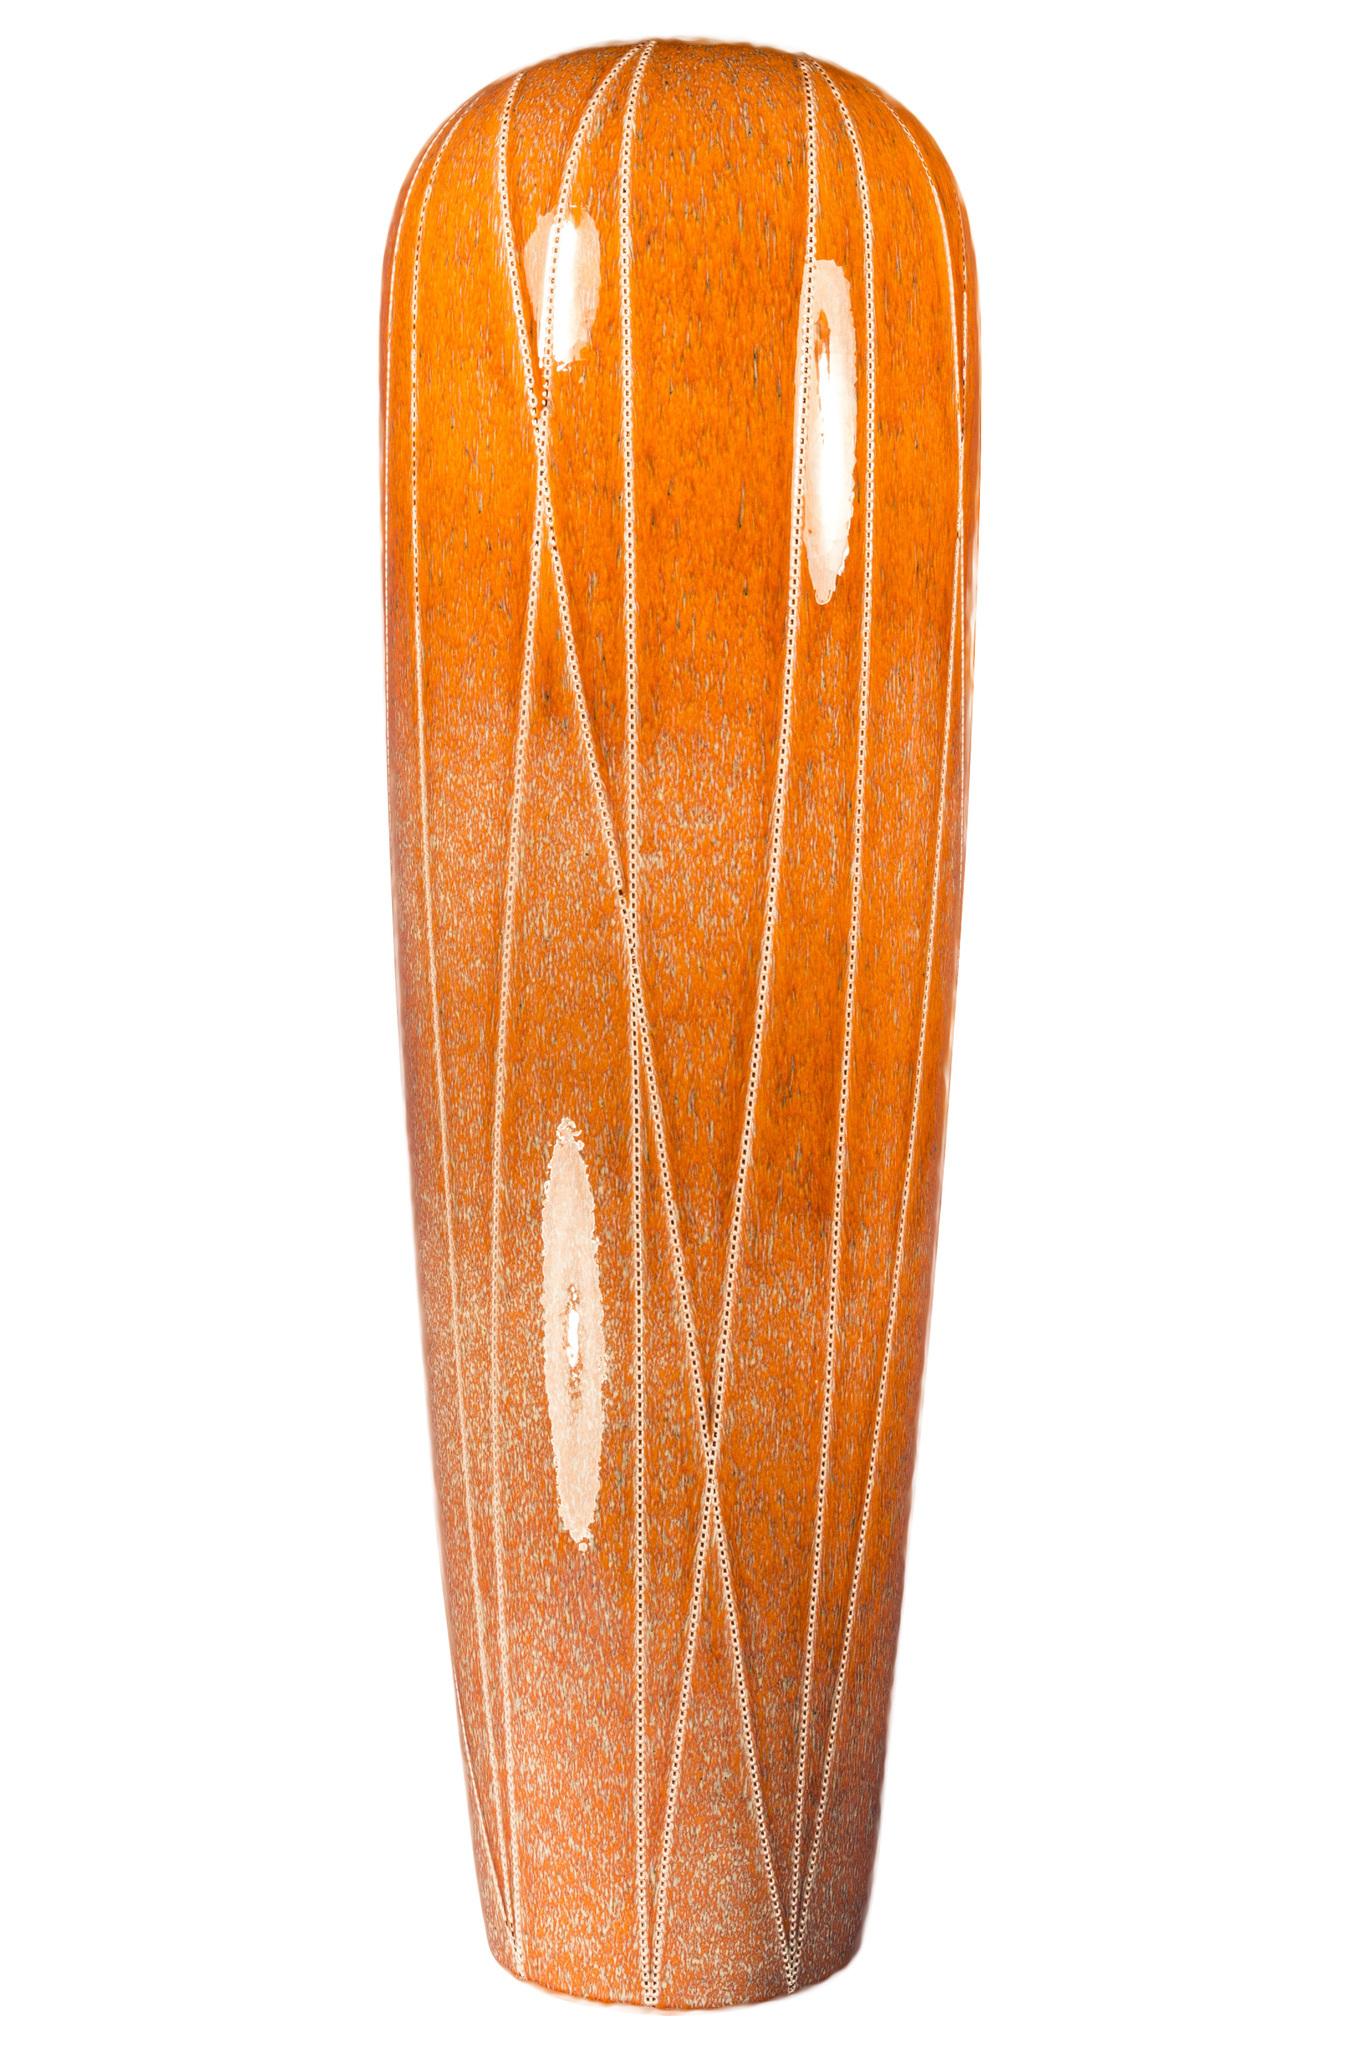 Вазы настольные Элитная ваза декоративная Africa большая от S. Bernardo vaza-dekorativnaya-bolshaya-africa-ot-s-bernardo-iz-portugalii.jpg